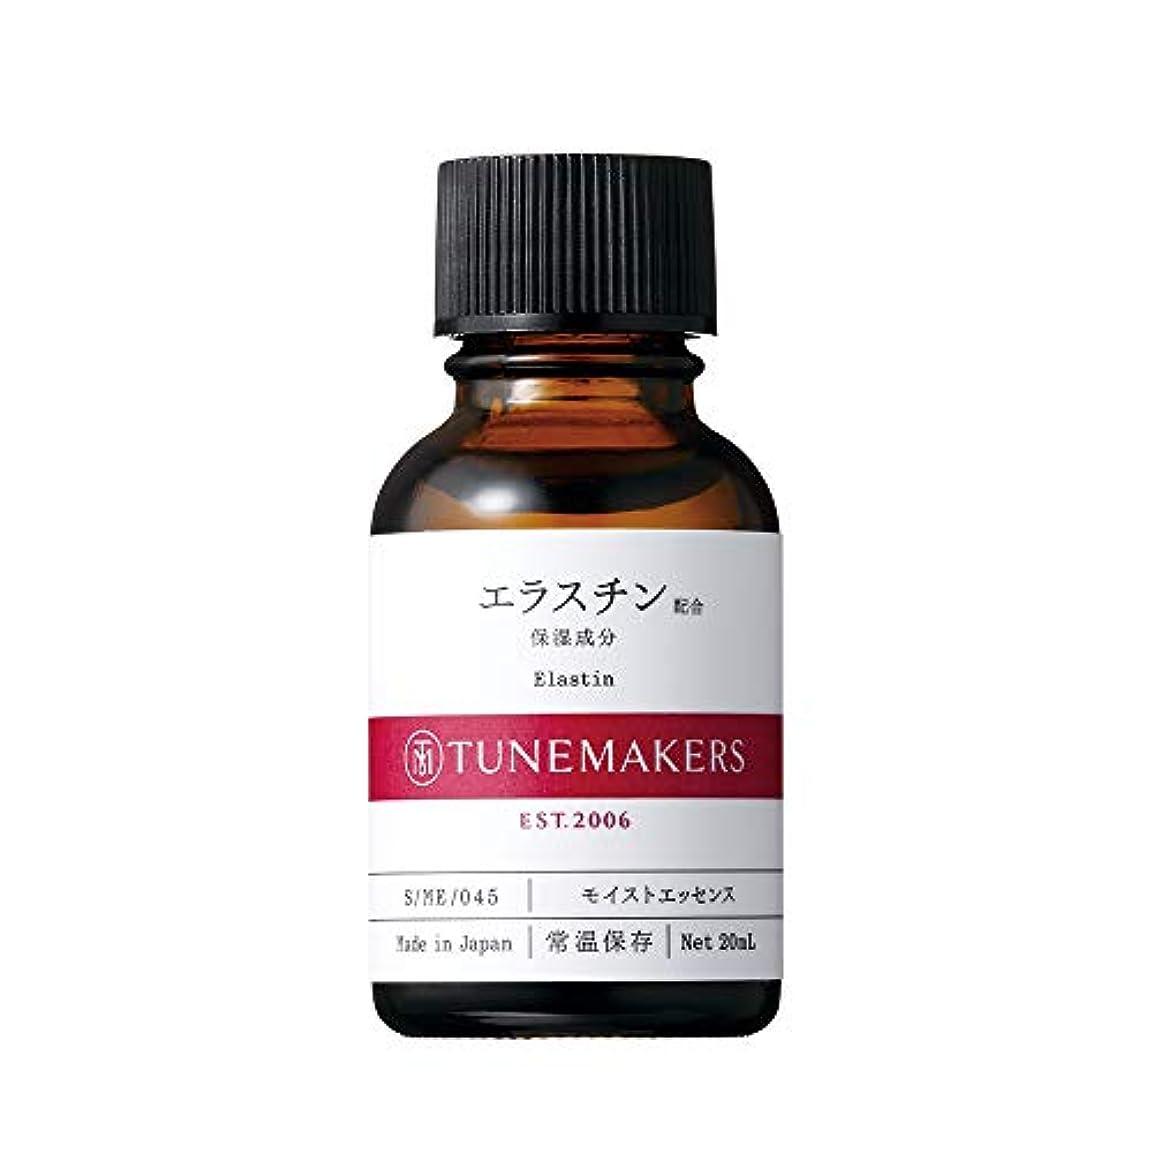 急行する精通した束TUNEMAKERS(チューンメーカーズ) エラスチン 美容液 20ml